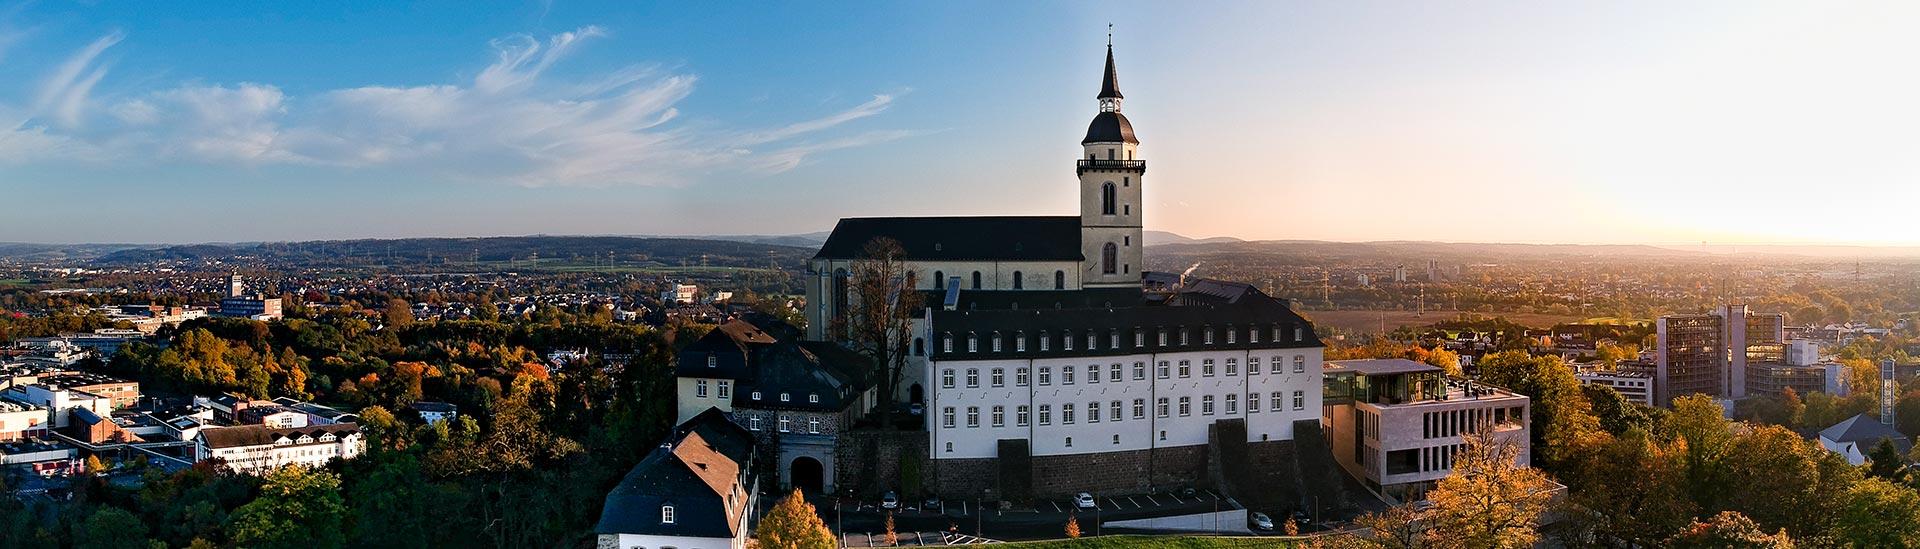 Das Bild zeigt den Blick auf den Siegburger Michaelsberg und über die Kreisstadt Siegburg